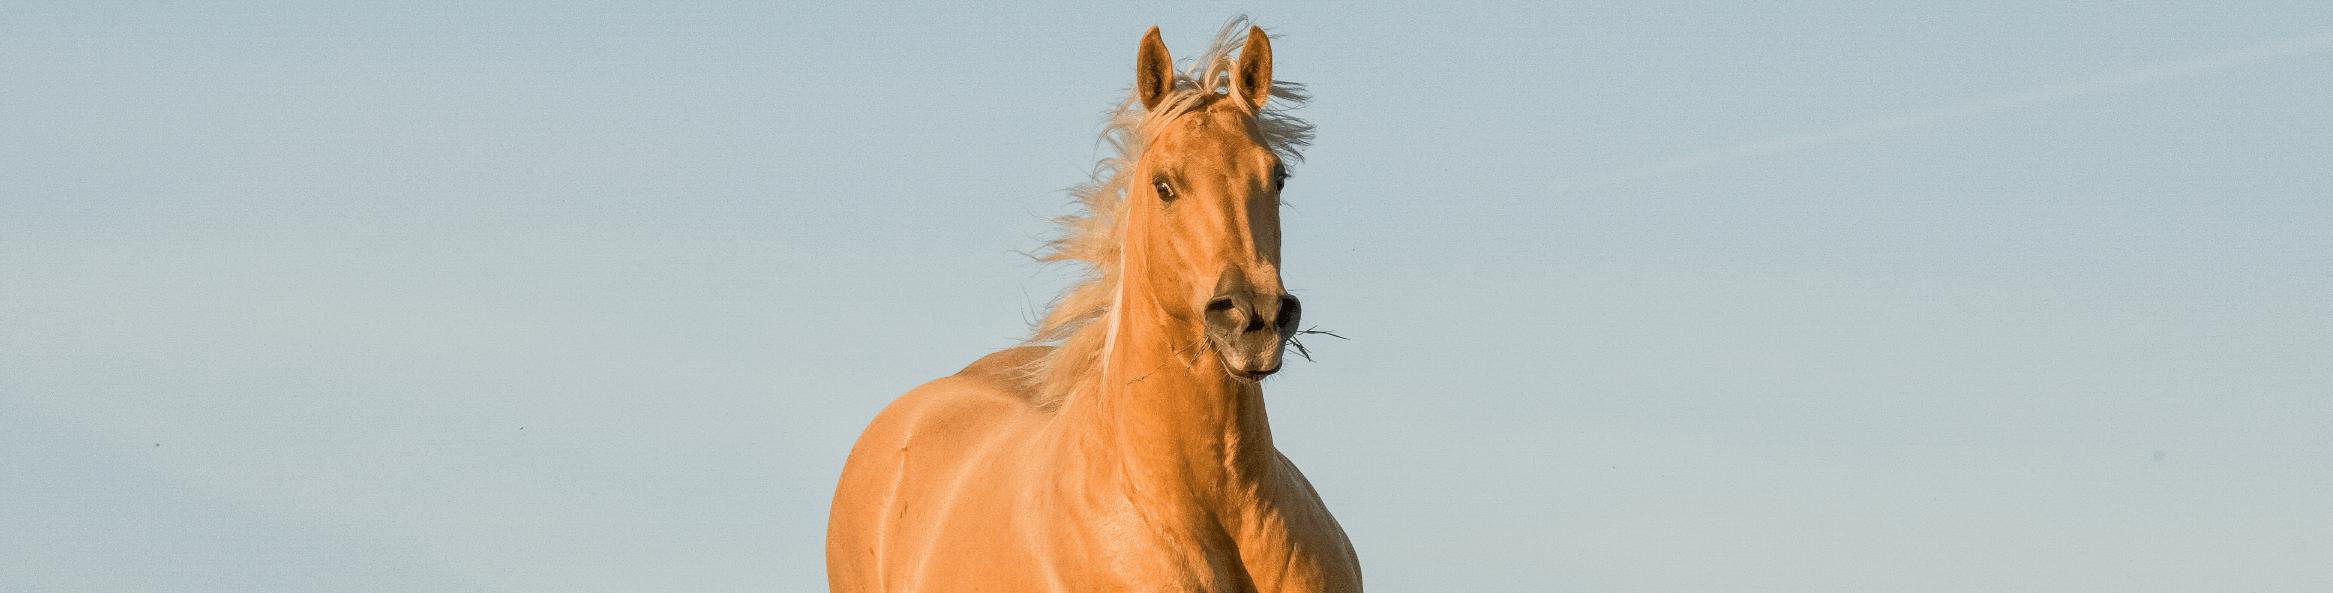 Controle da dor em equinos: O que é e as formas de tratamento.